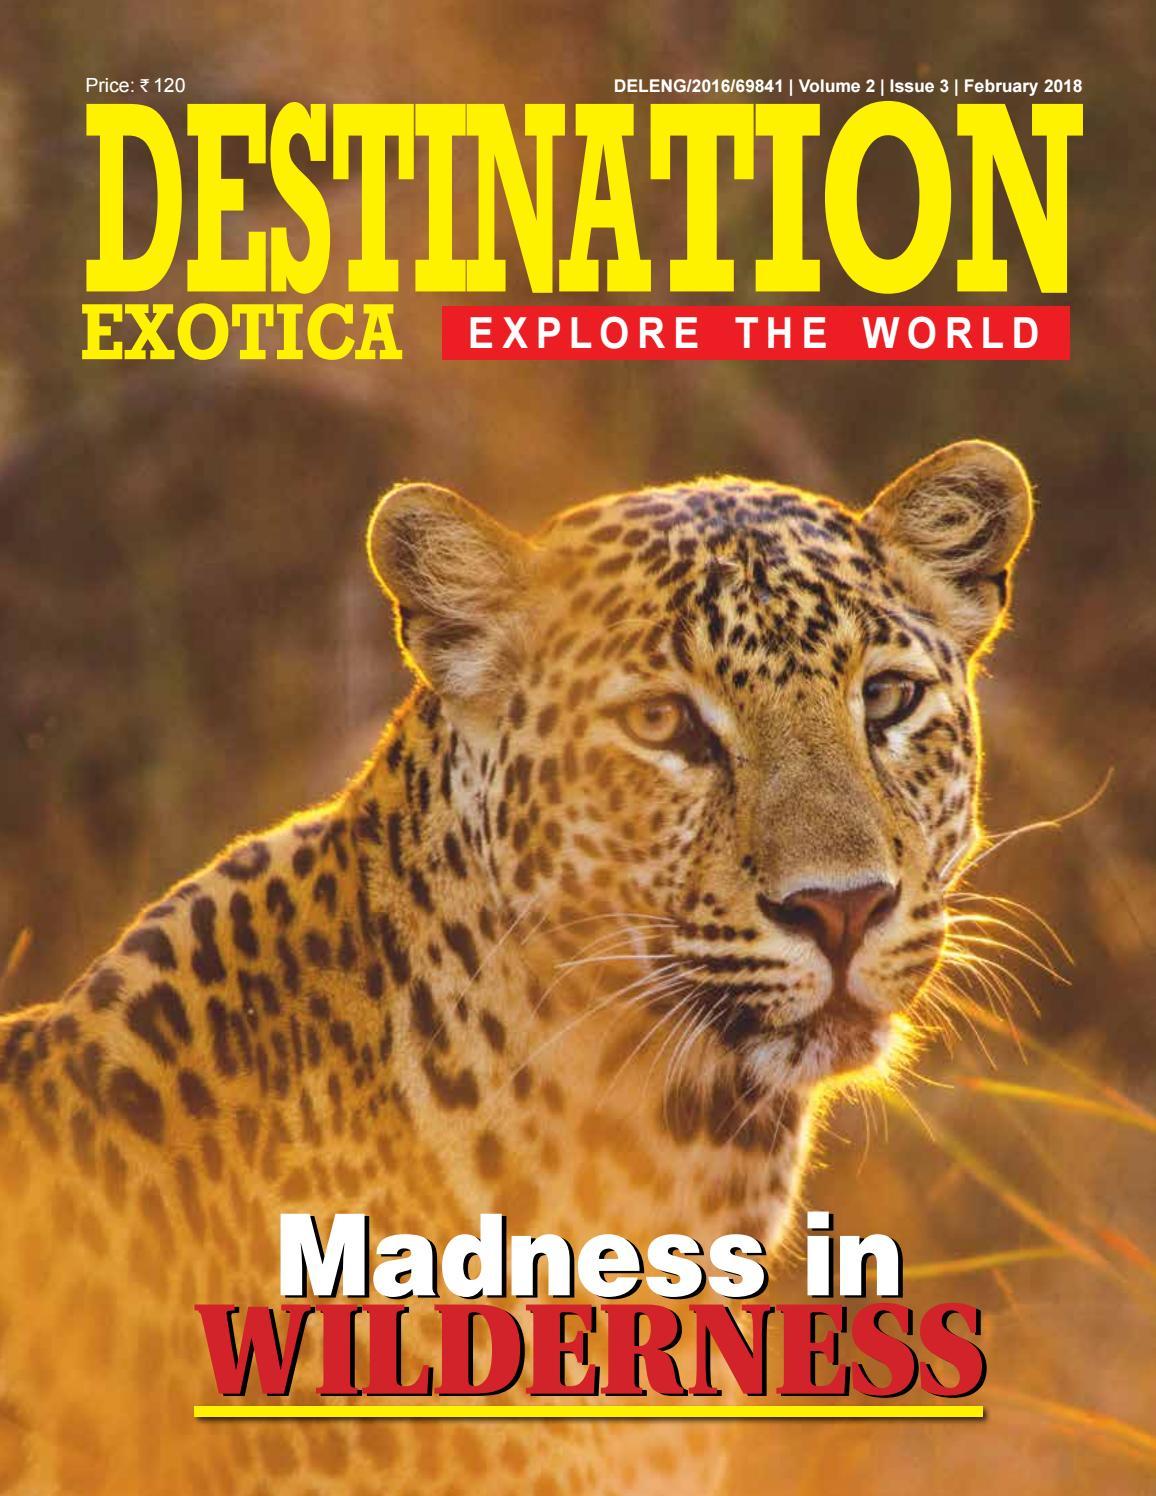 Destination exotica february 2018 by Destination Exotica ...